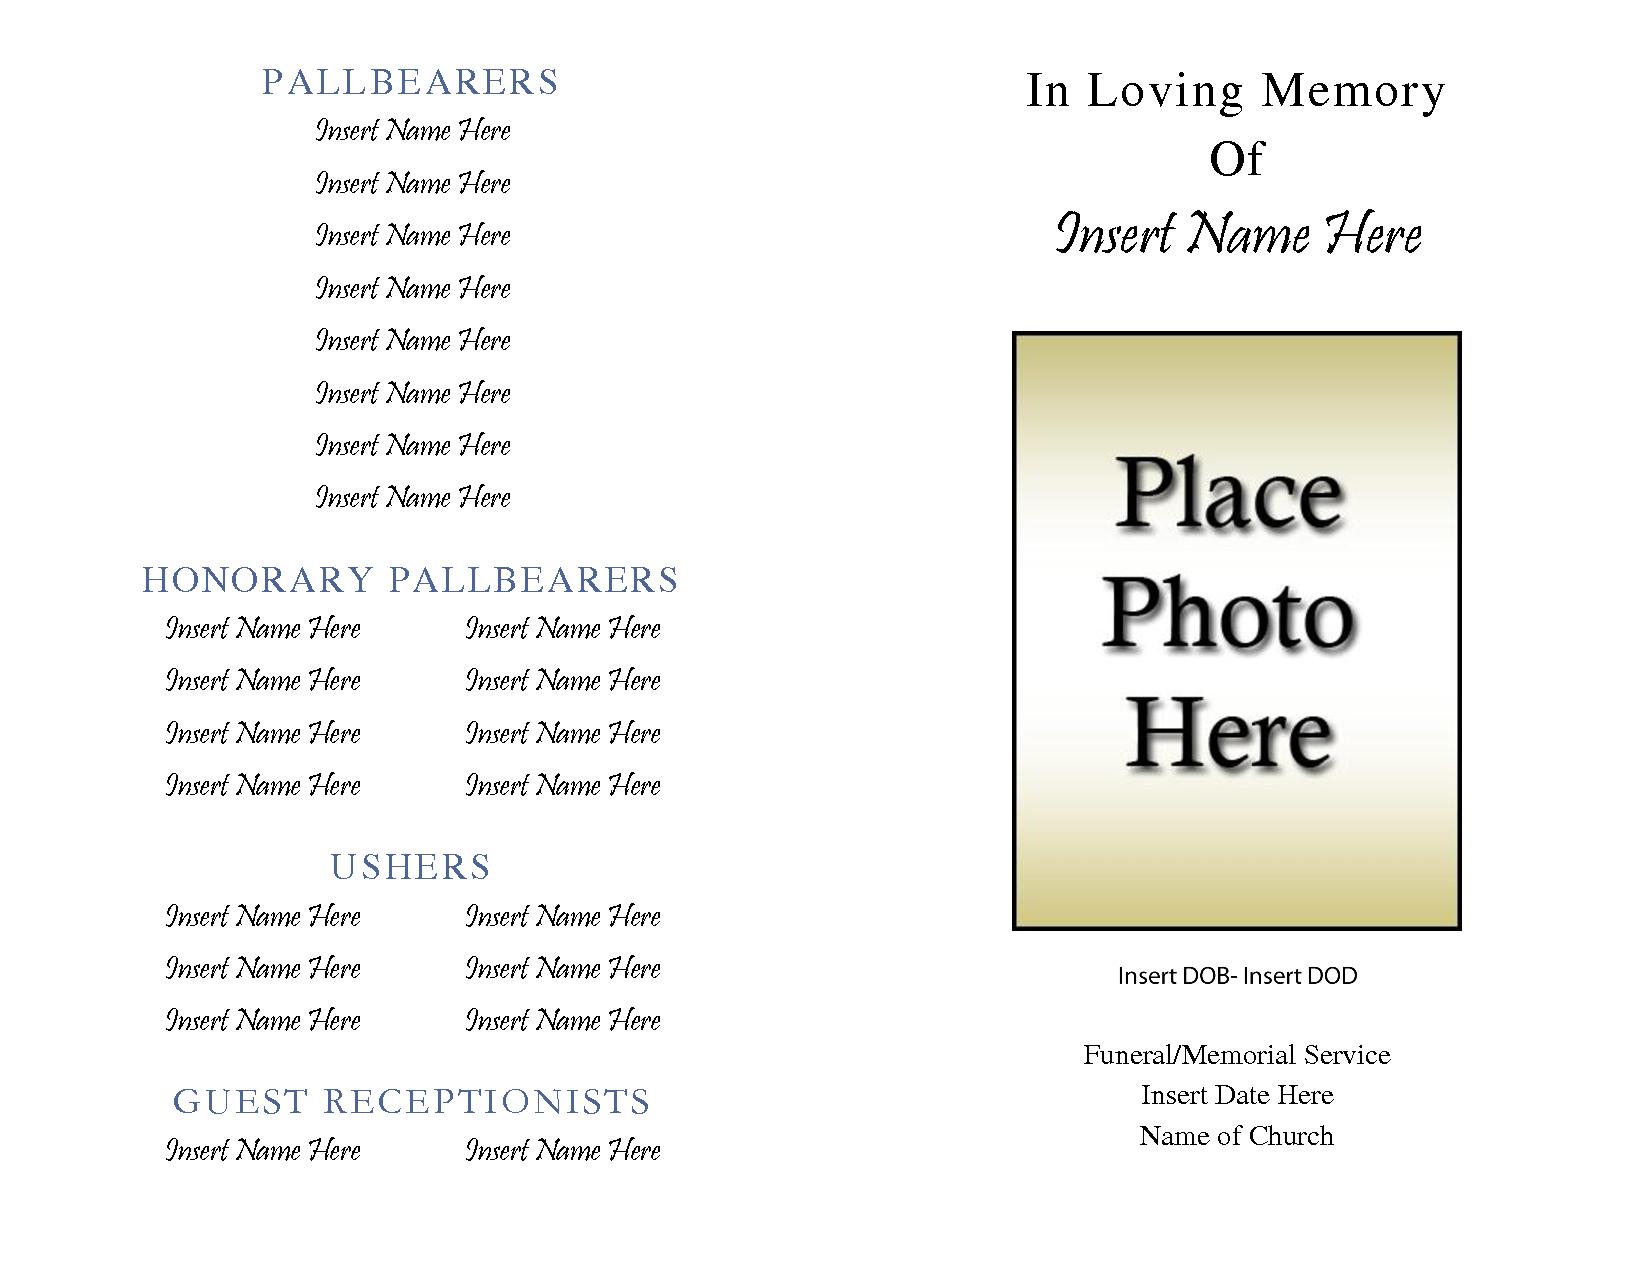 Free Obituary Template | E Commercewordpress Regarding Free Obituary Template For Microsoft Word